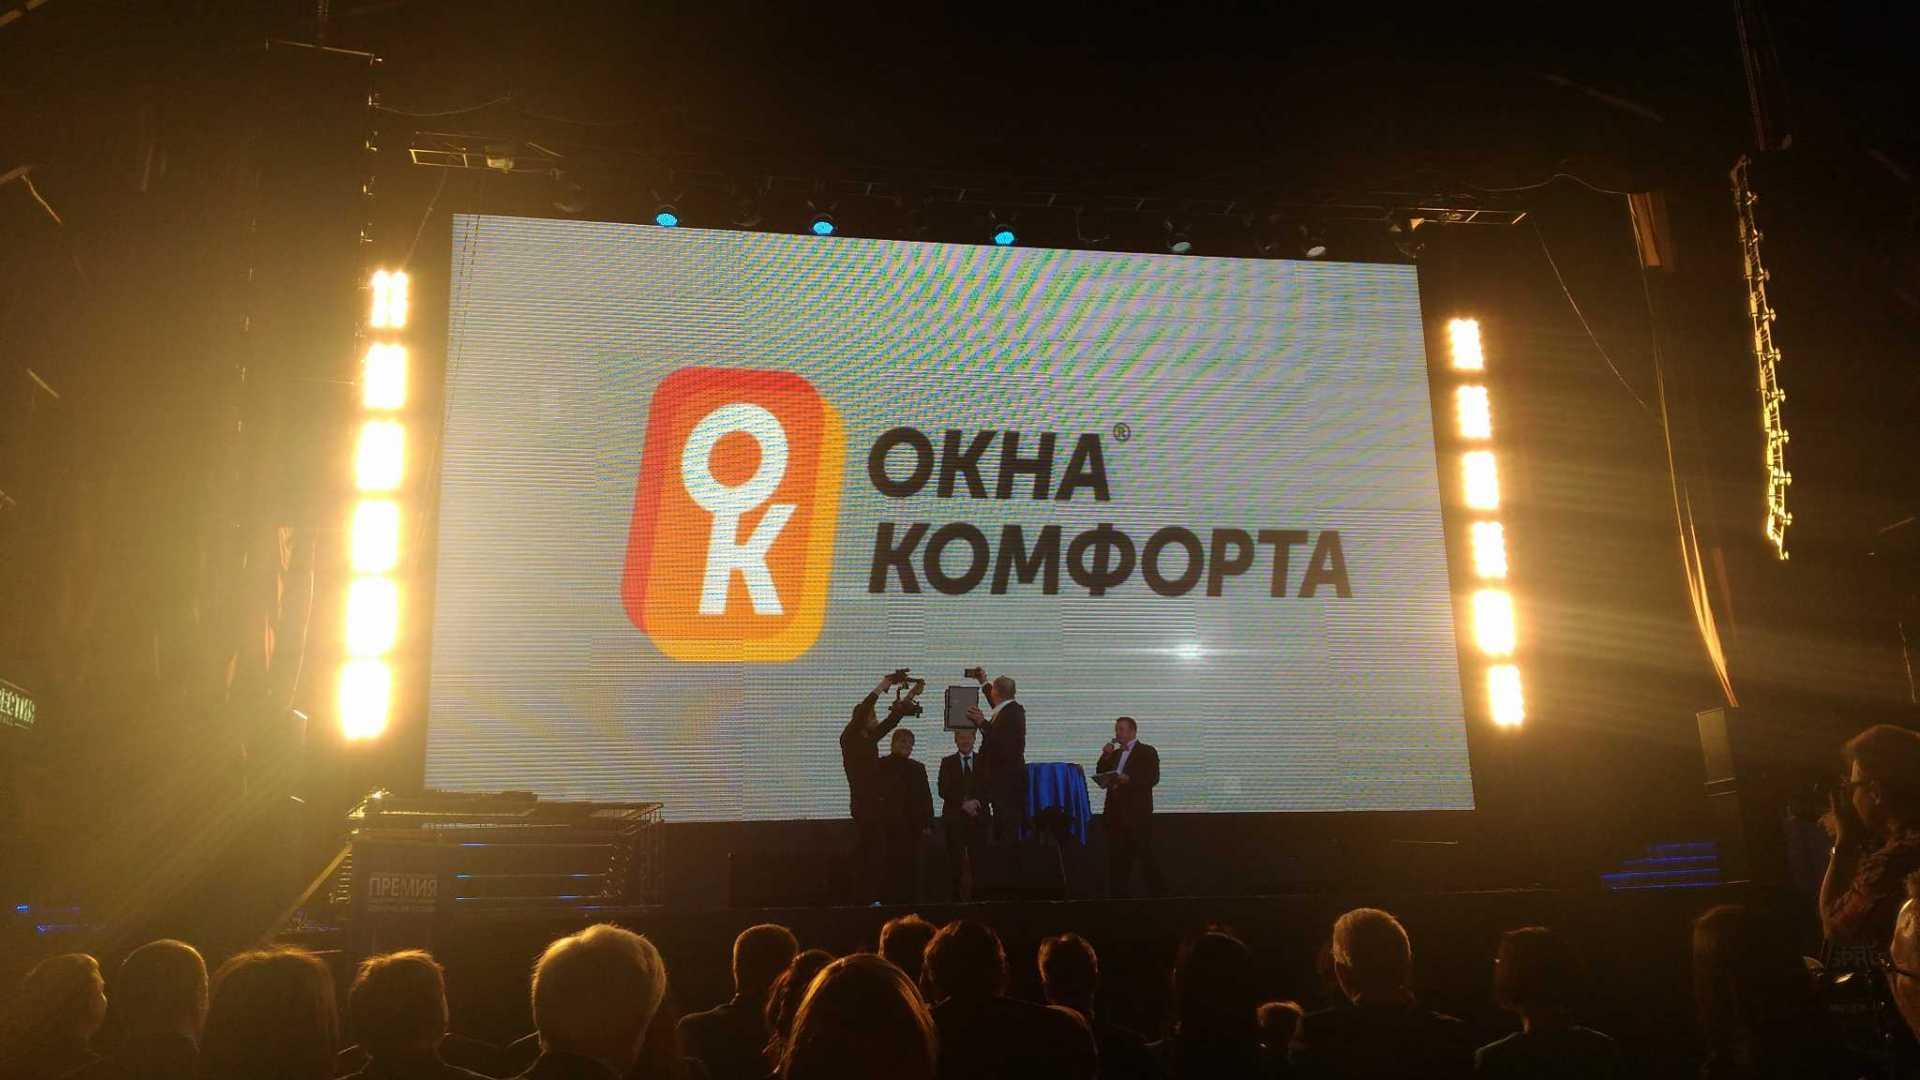 Победа в номинации Продукт года 2015 присуждается компании Окна Комфорта